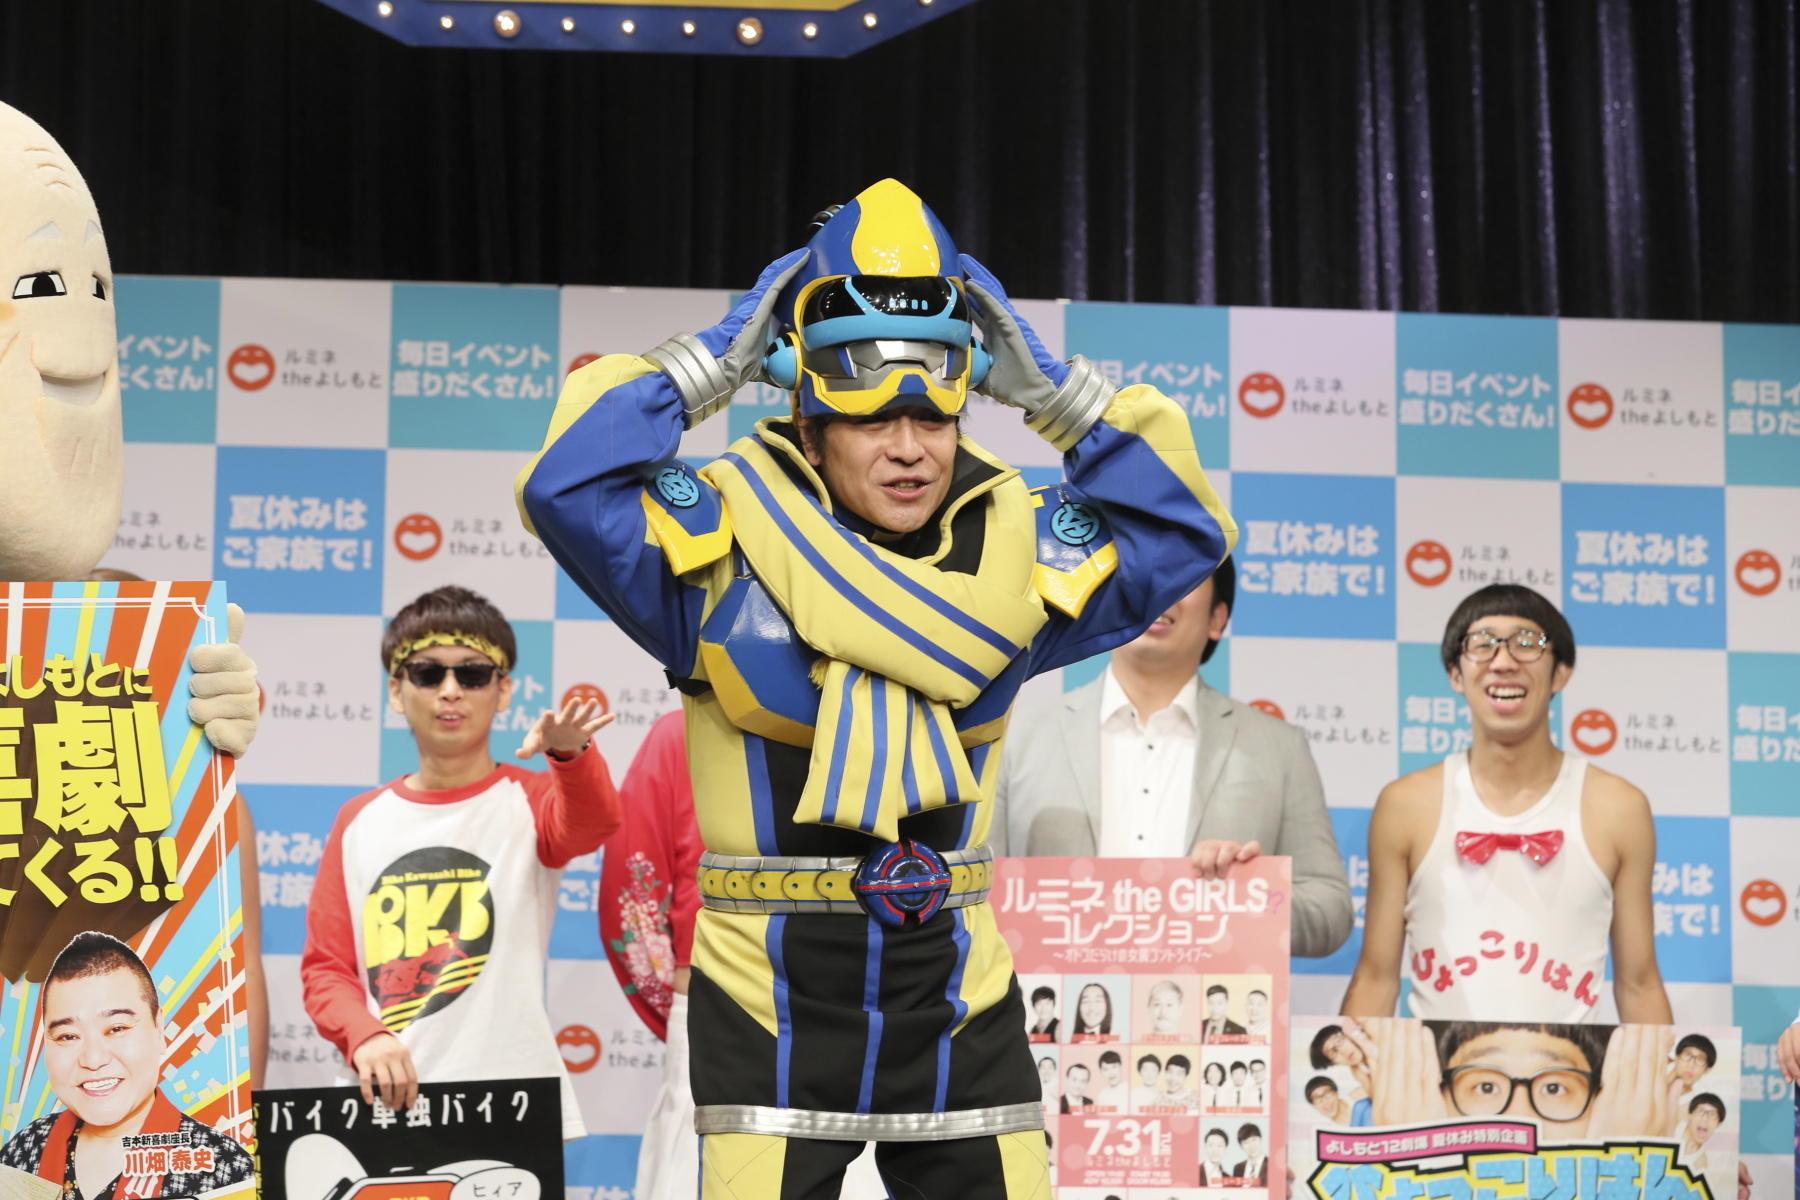 http://news.yoshimoto.co.jp/20180703192750-2a1c63b07bb906e8f65cd7e743795d00dea07289.jpg